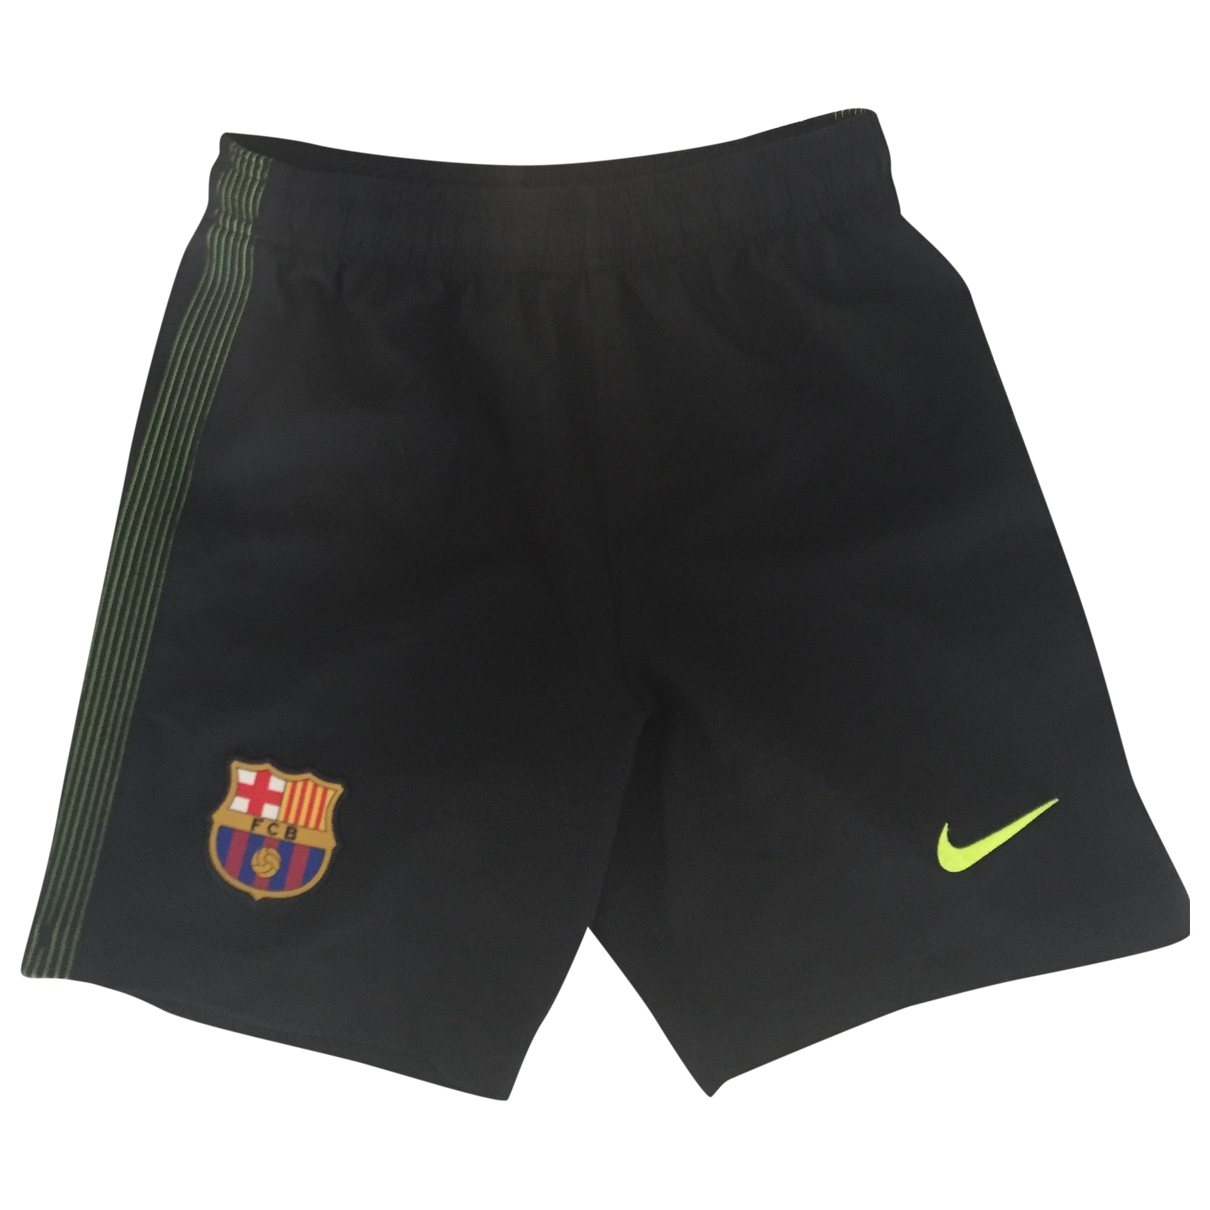 Nike - Short   pour enfant - noir